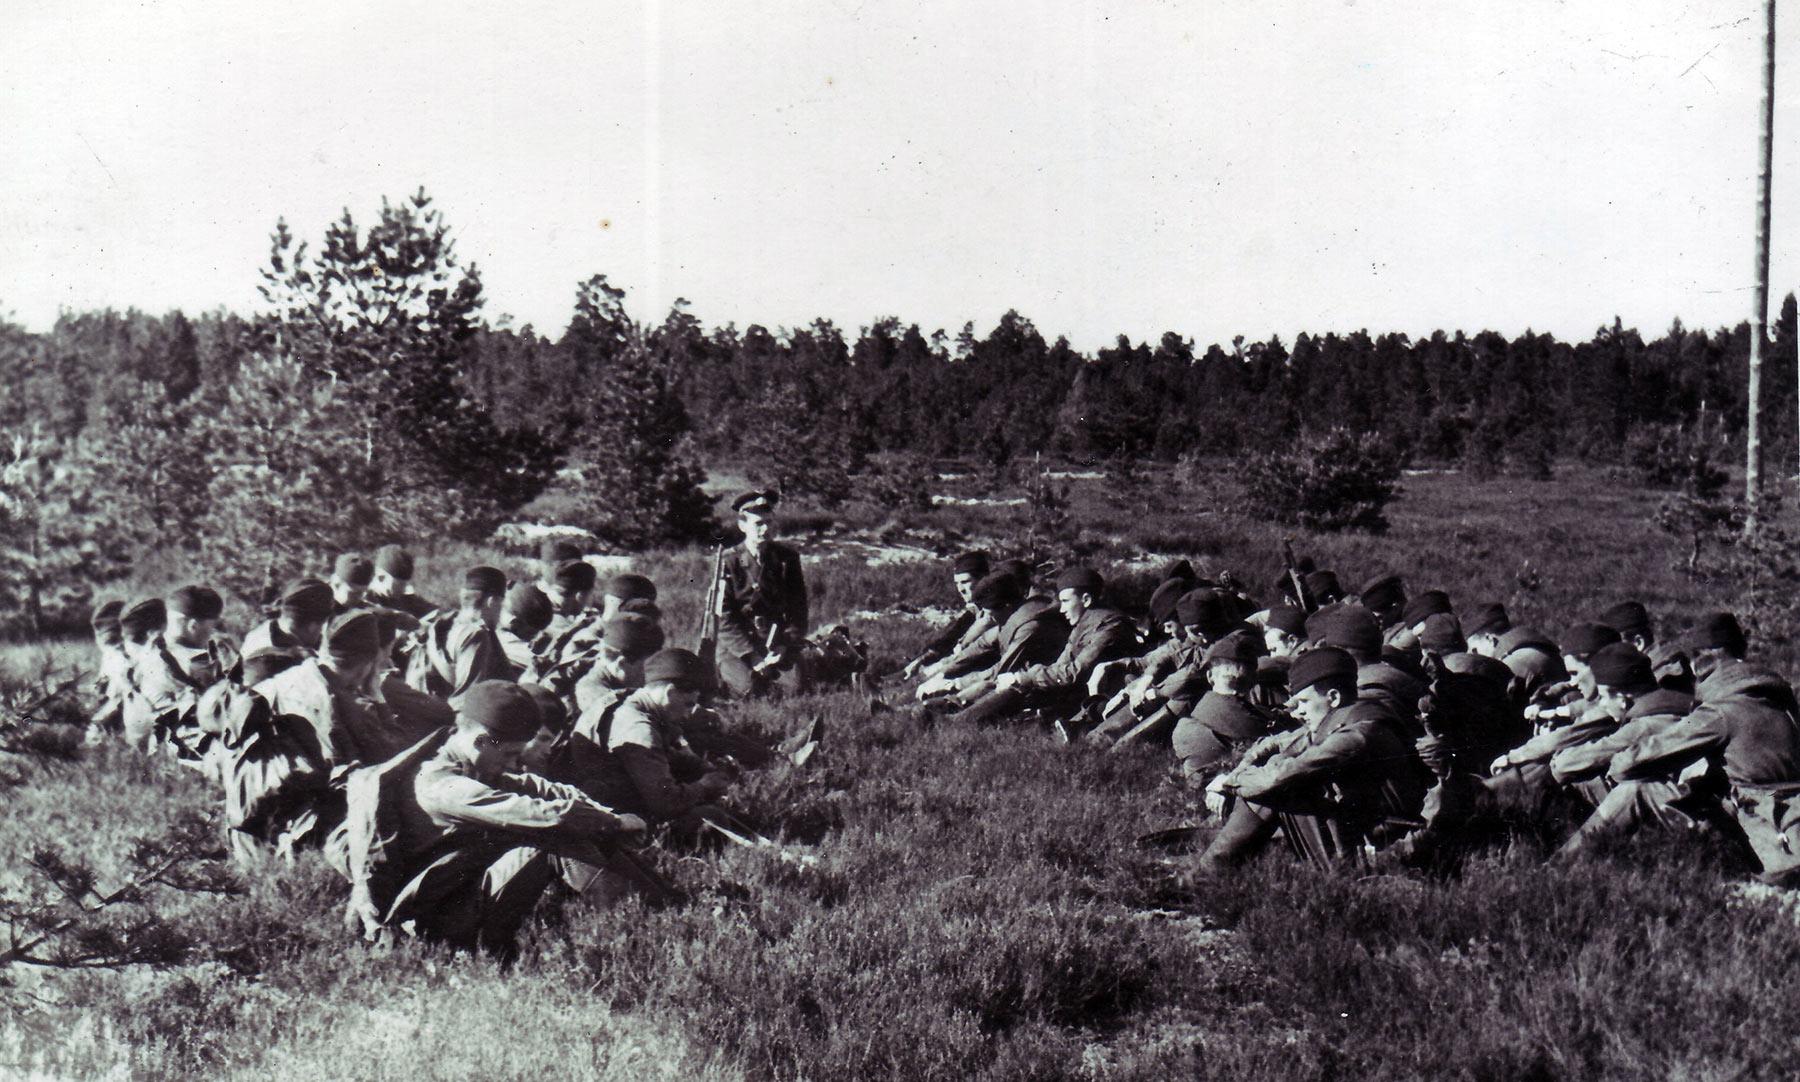 3-й взвод 6-ой роты на тактических занятиях в полевых условиях. Занятия проводит командир взвода к-н Приемко В.С.